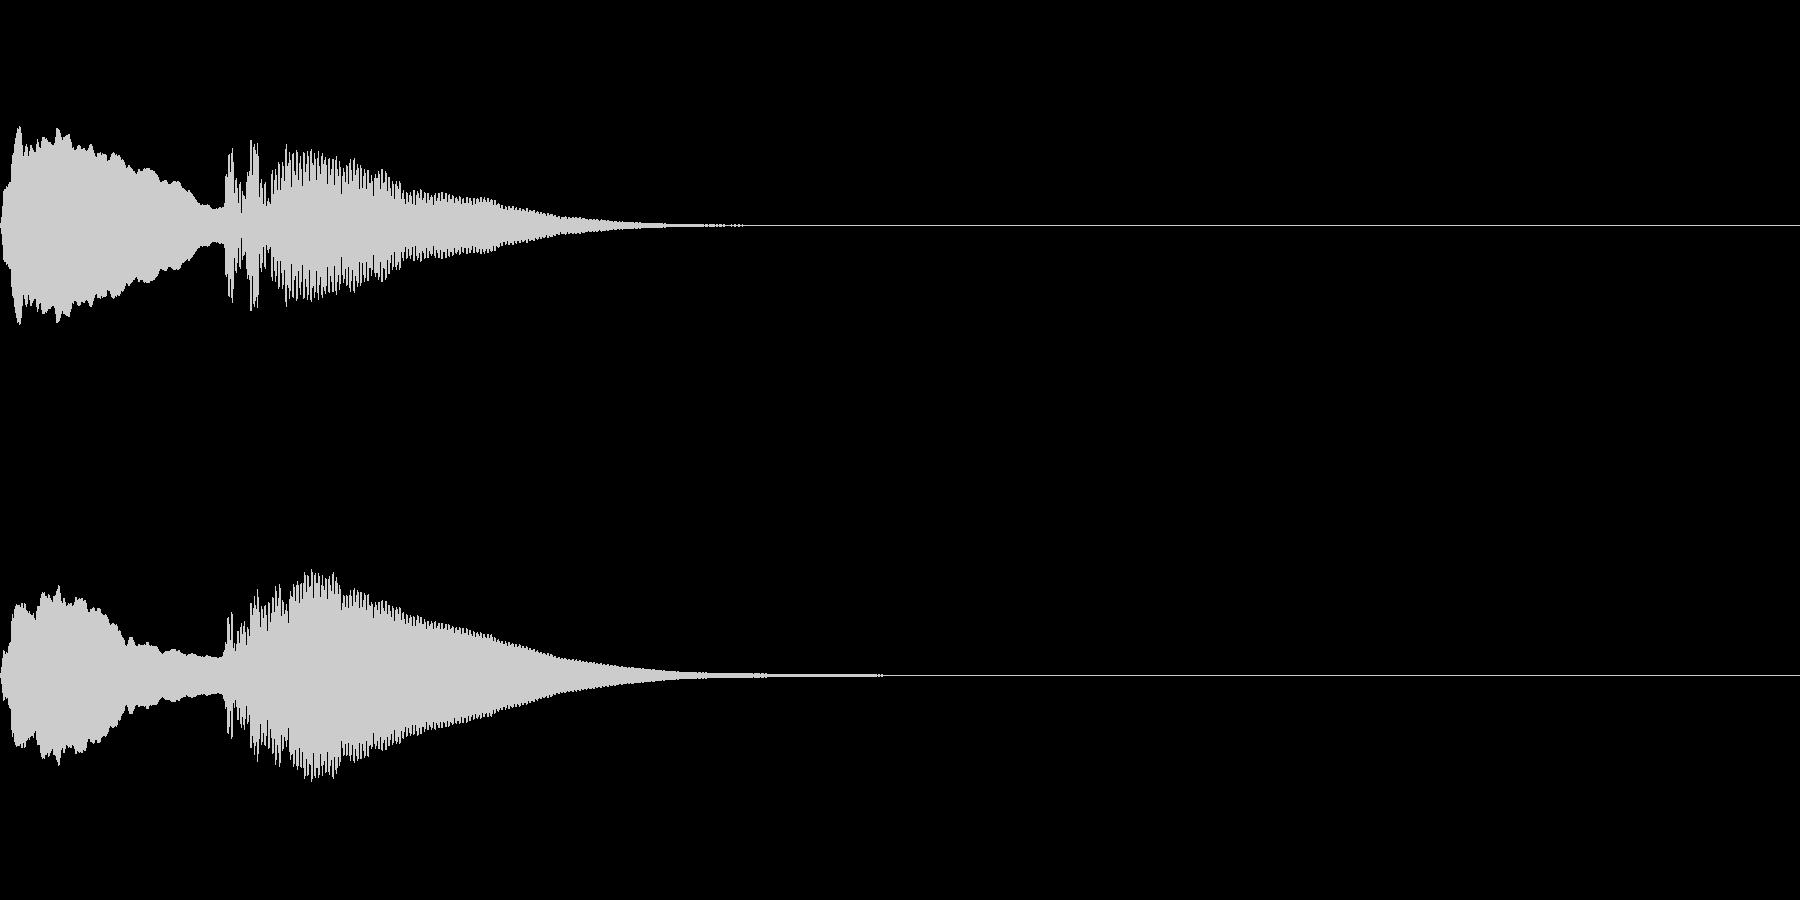 到着ピンポン(エレベーター電子音2回)の未再生の波形